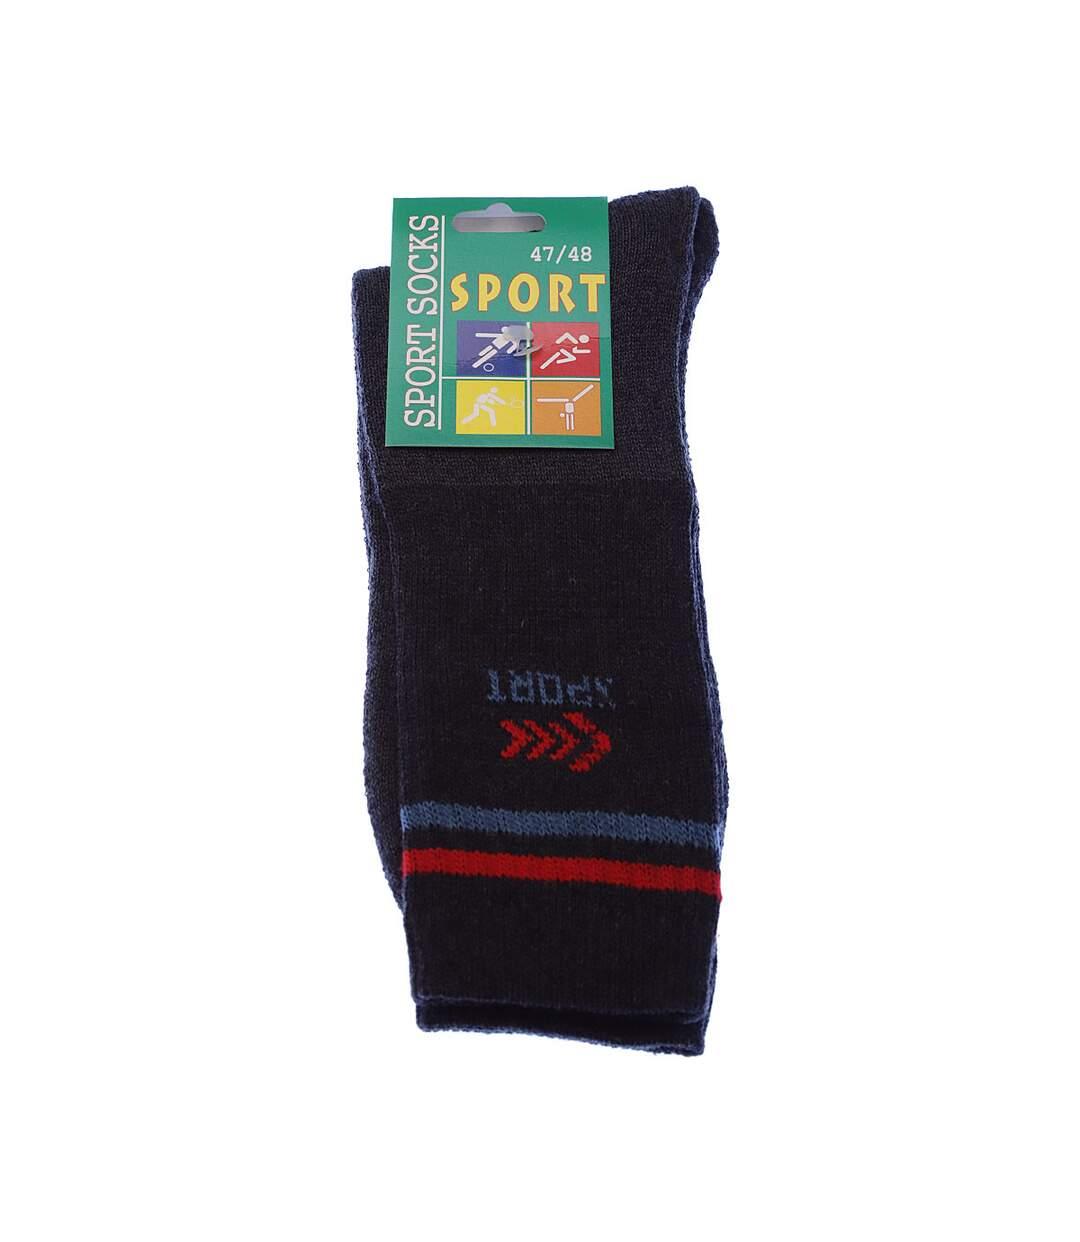 Dégagement Chaussette Mi-Hautes Lot de 5 Sans bouclette Epaisse Coton Gris foncé Sport socks dsf.d455nksdKLFHG